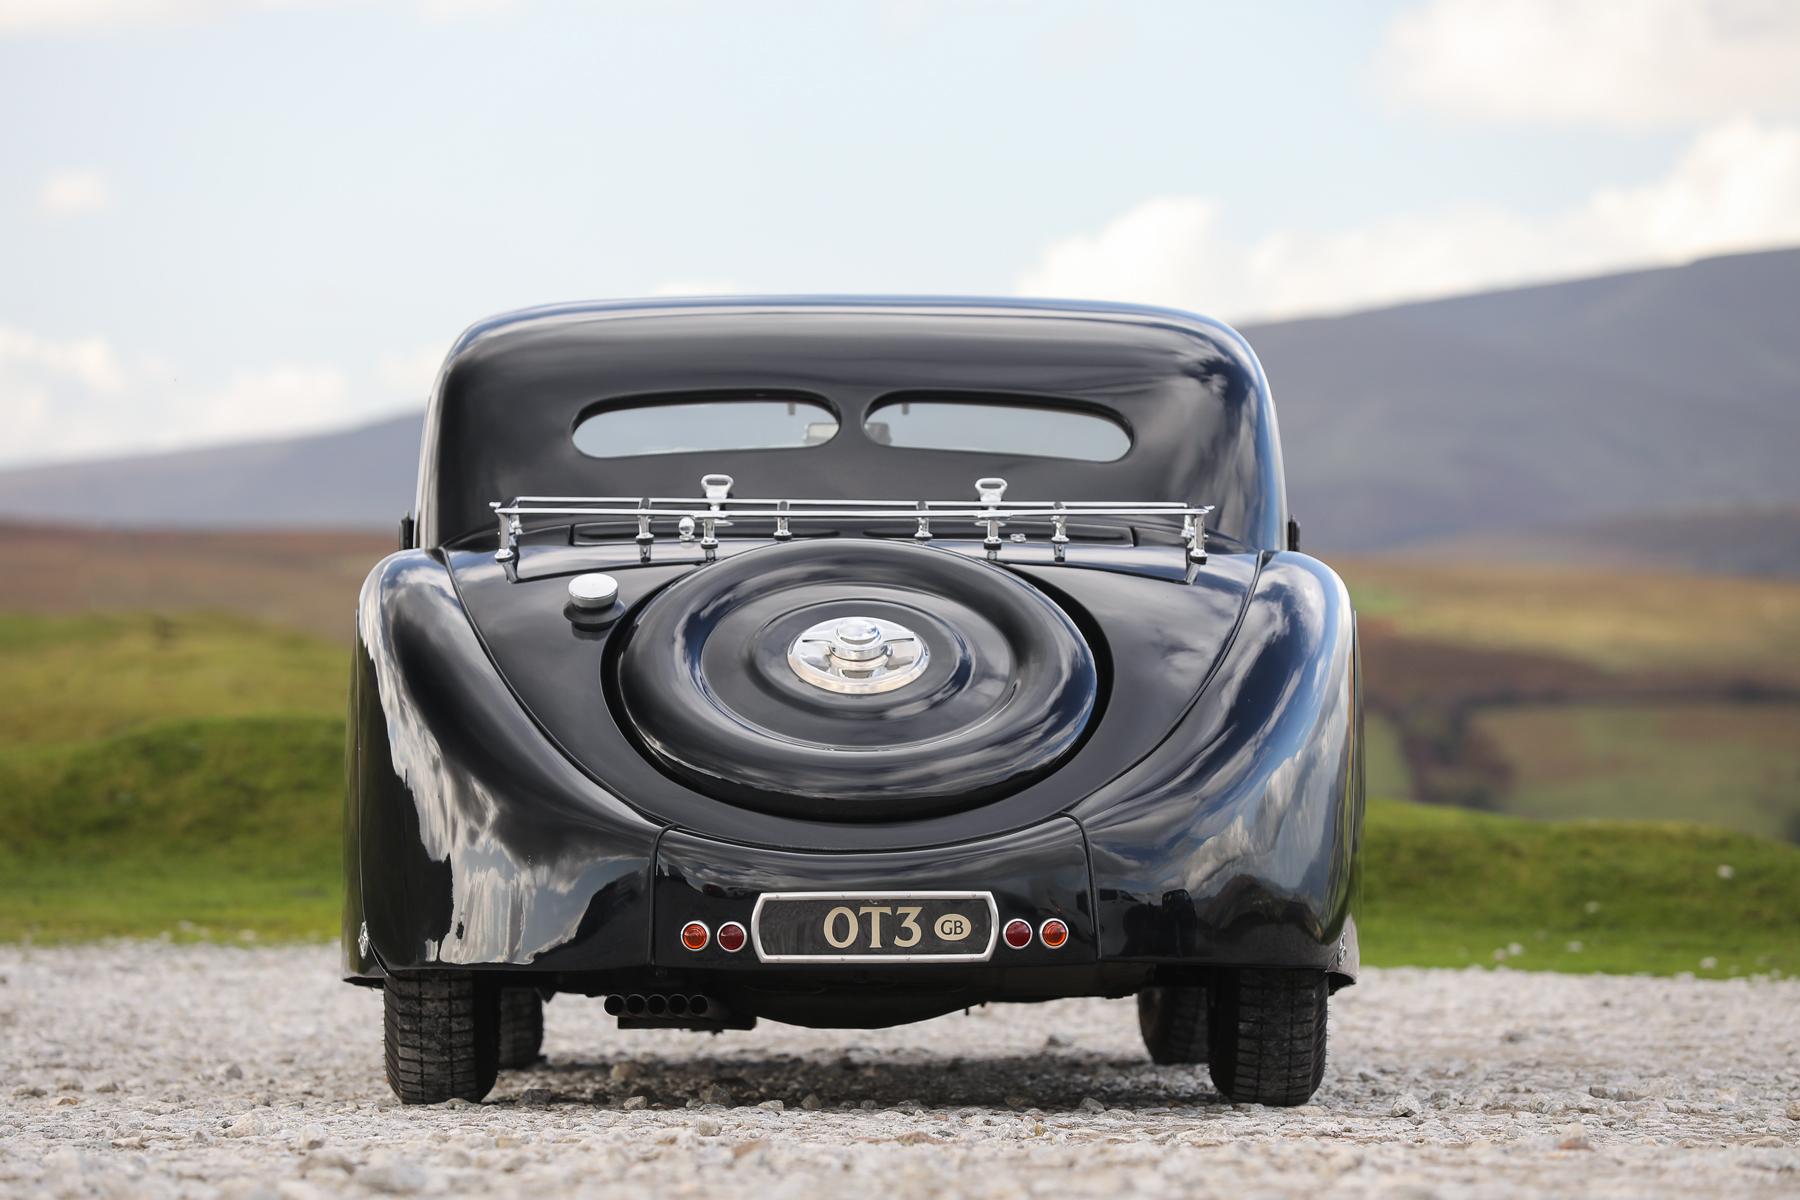 1937 Bugatti Type 57S Atalante rear